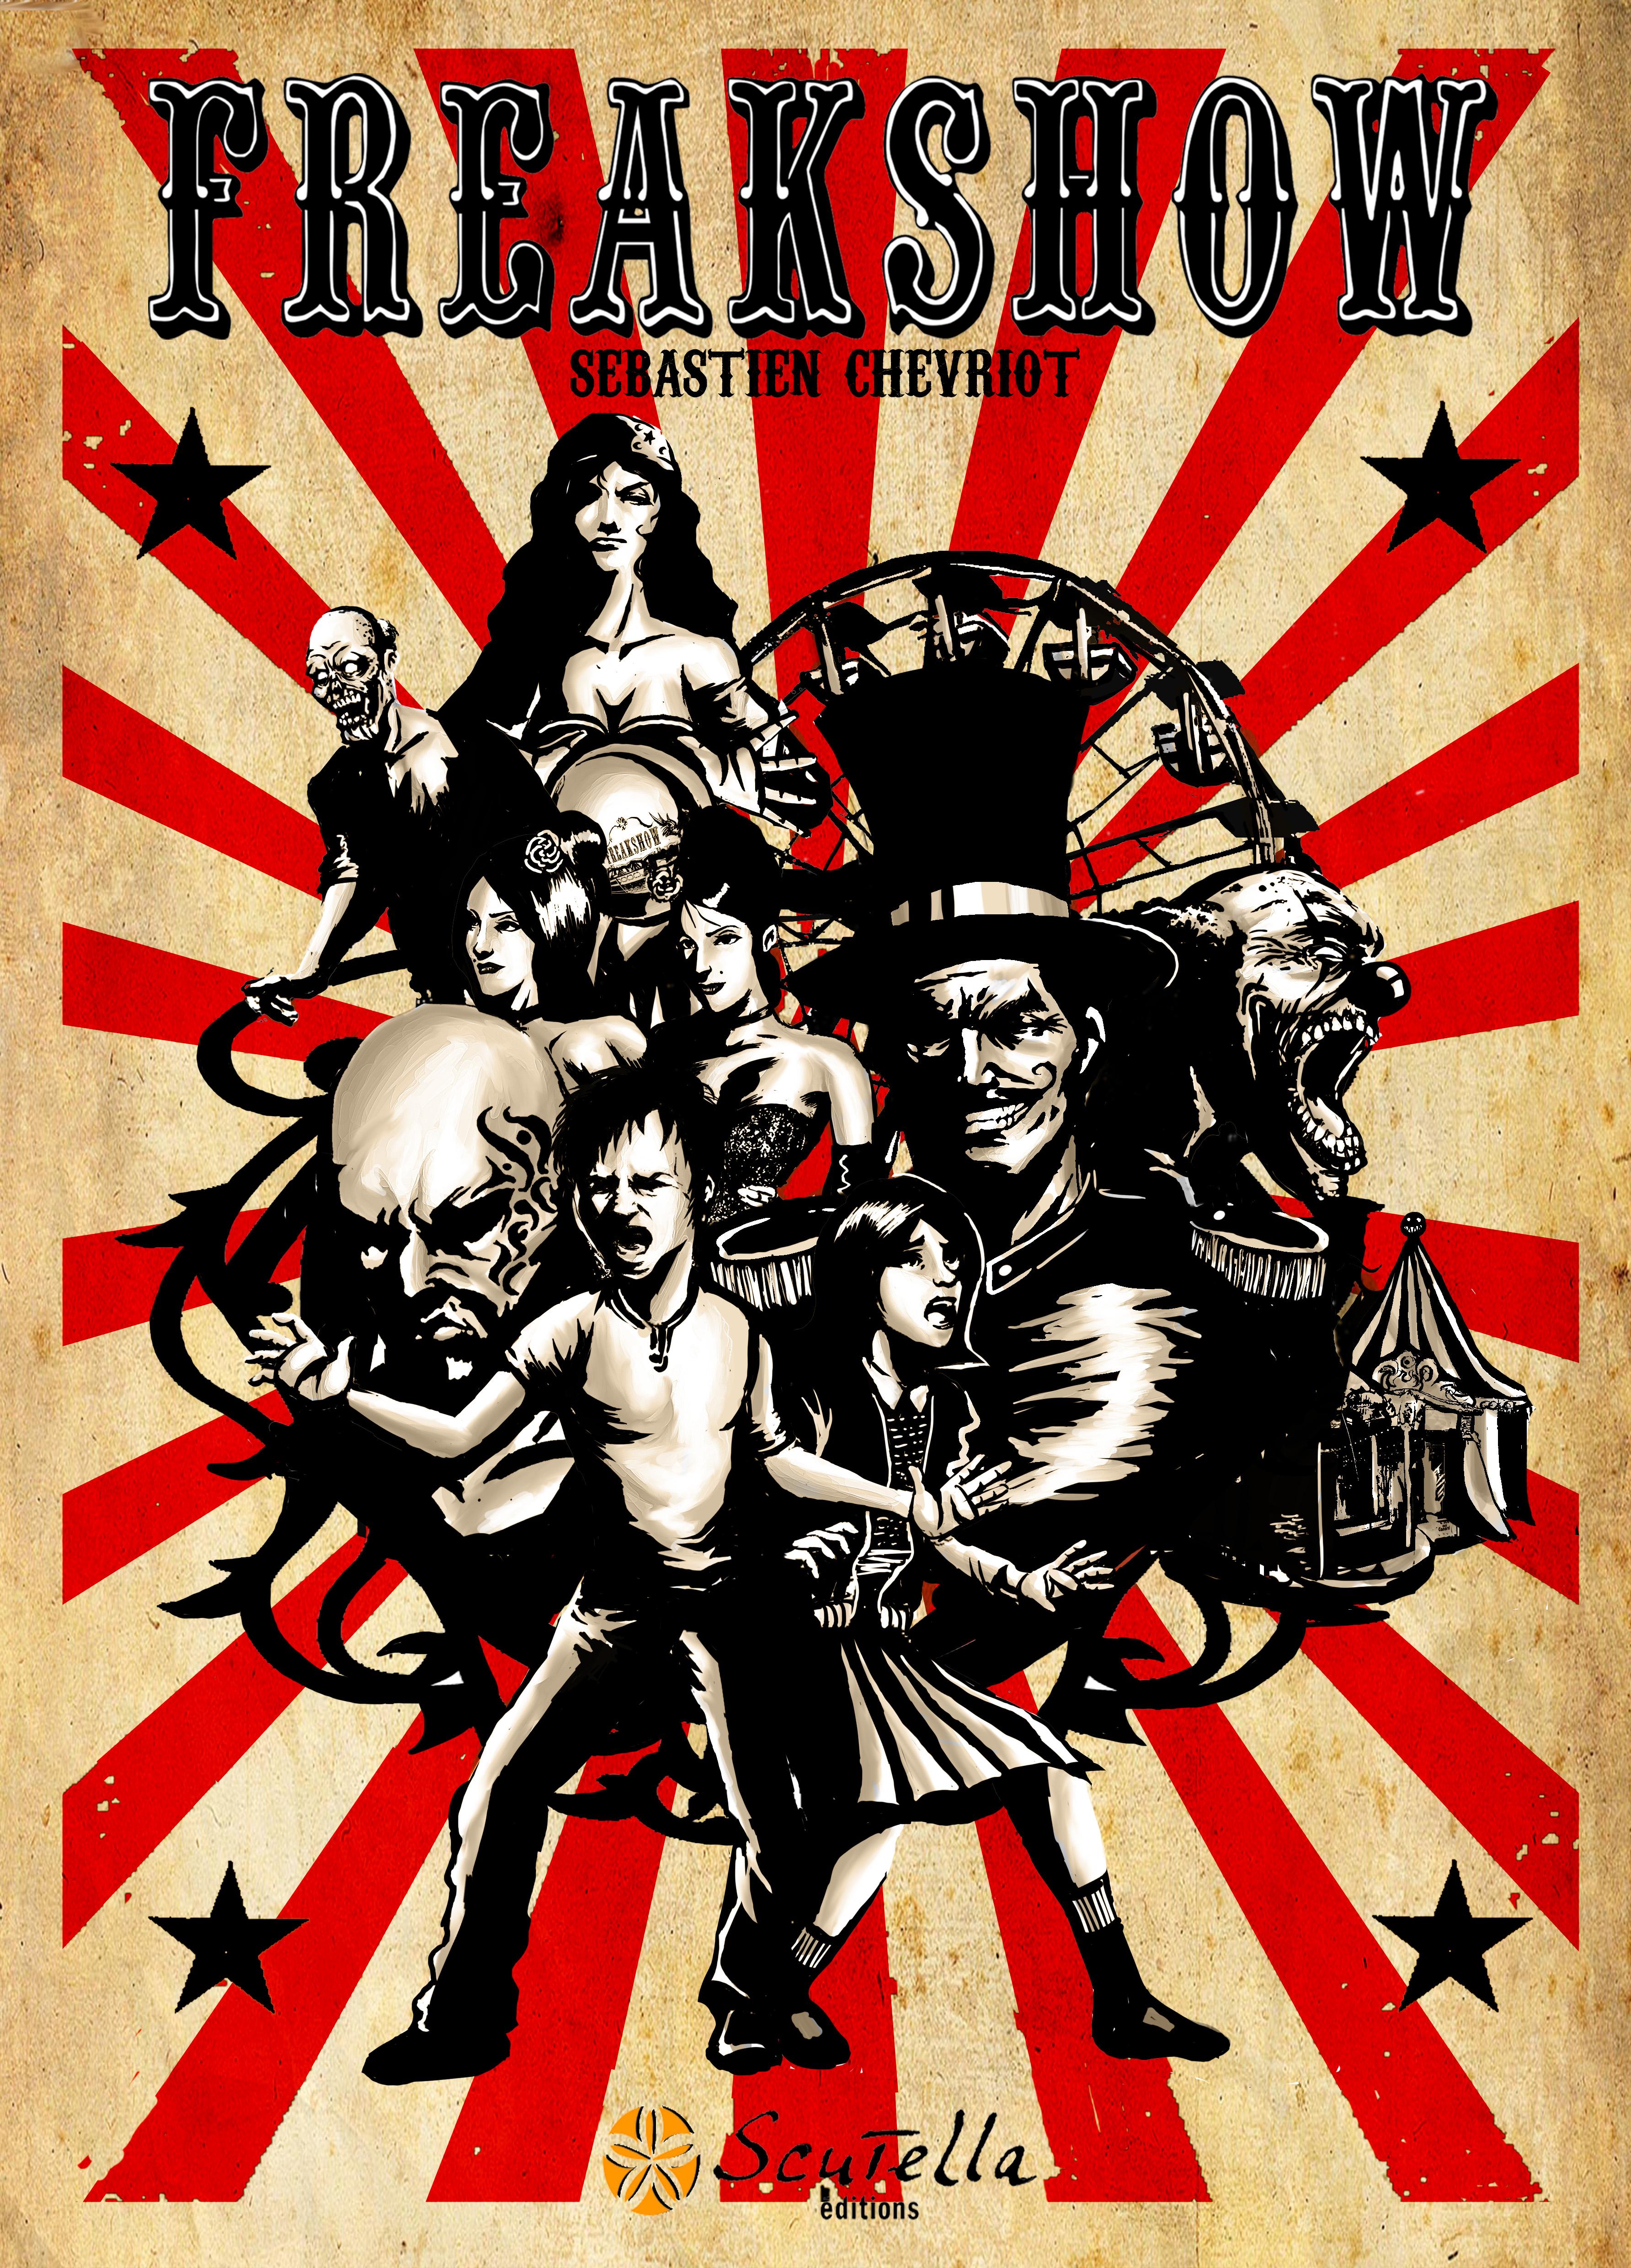 couverture de la bande-dessinnée Freakshow